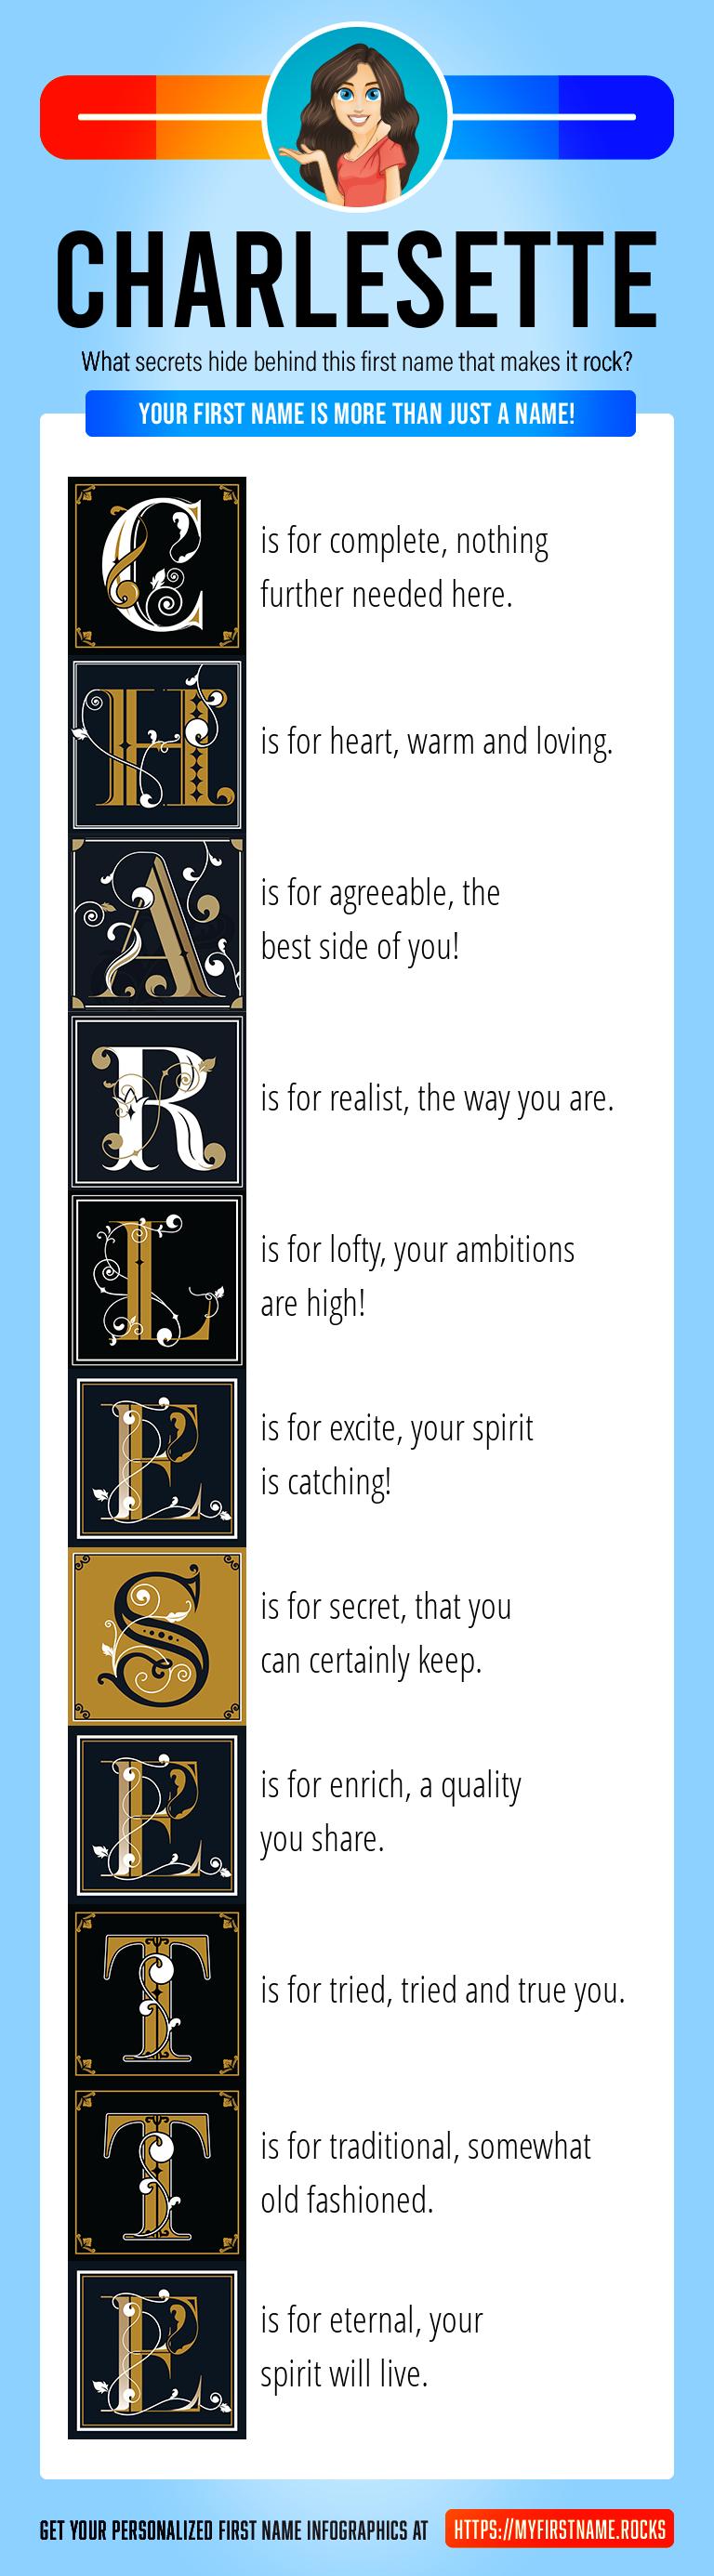 Charlesette Infographics